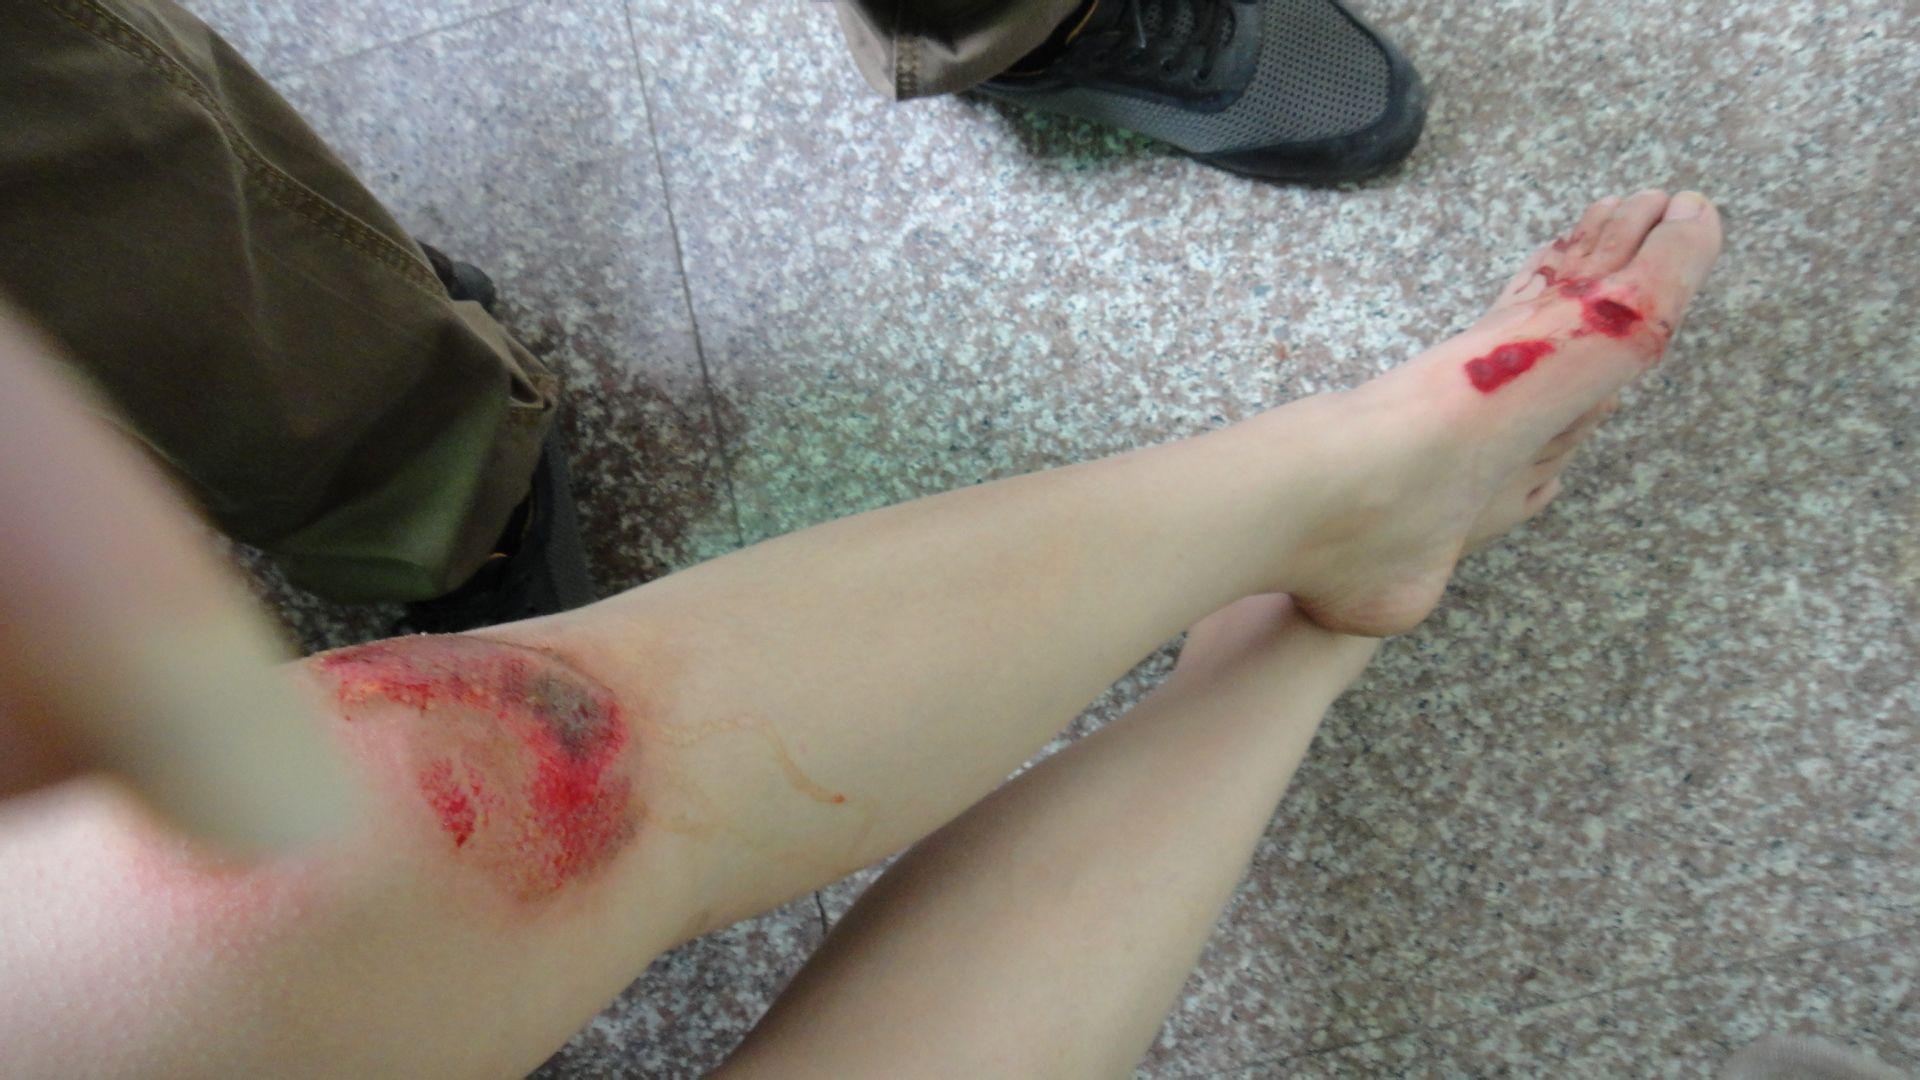 不���y�9.��b�_摔到膝盖下面一点,擦伤好了后,快掉的伤疤,不小心弄掉